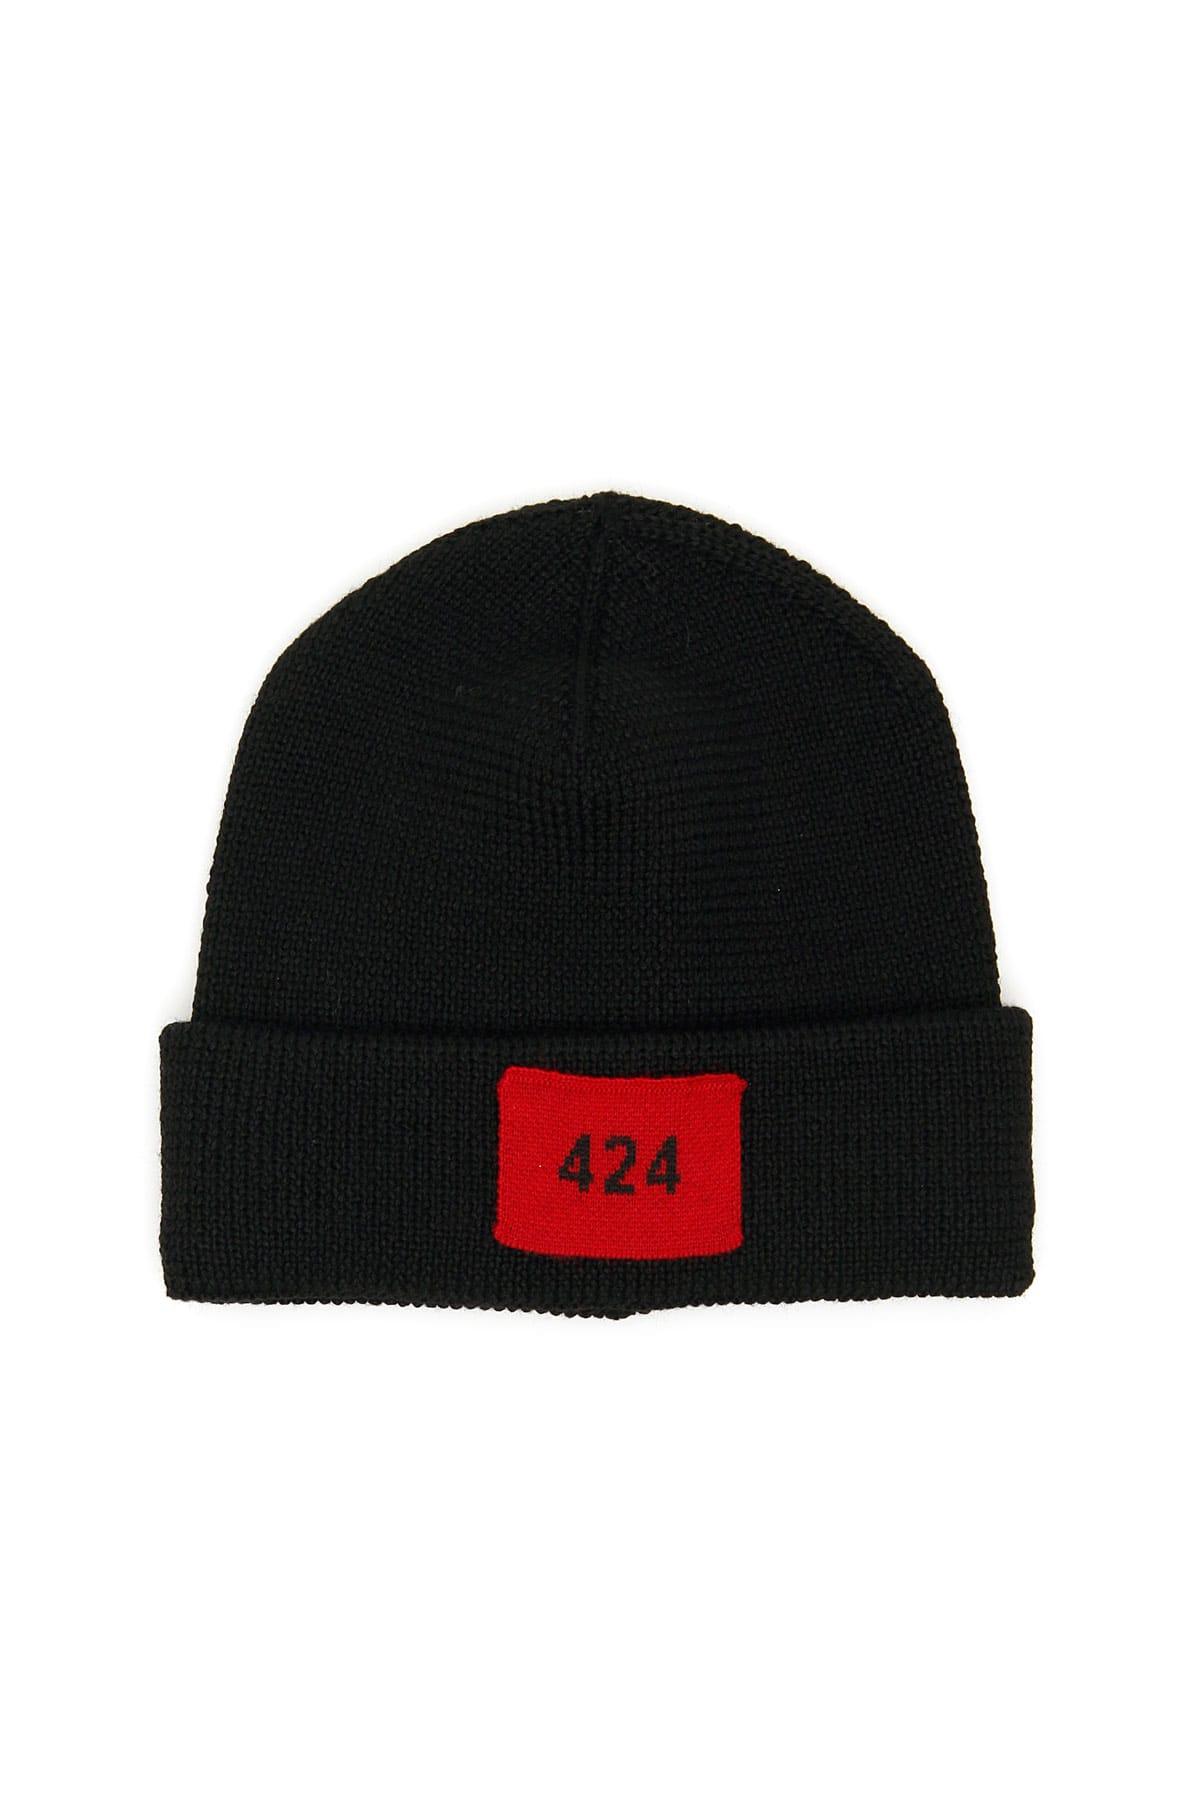 424 Knit Hat